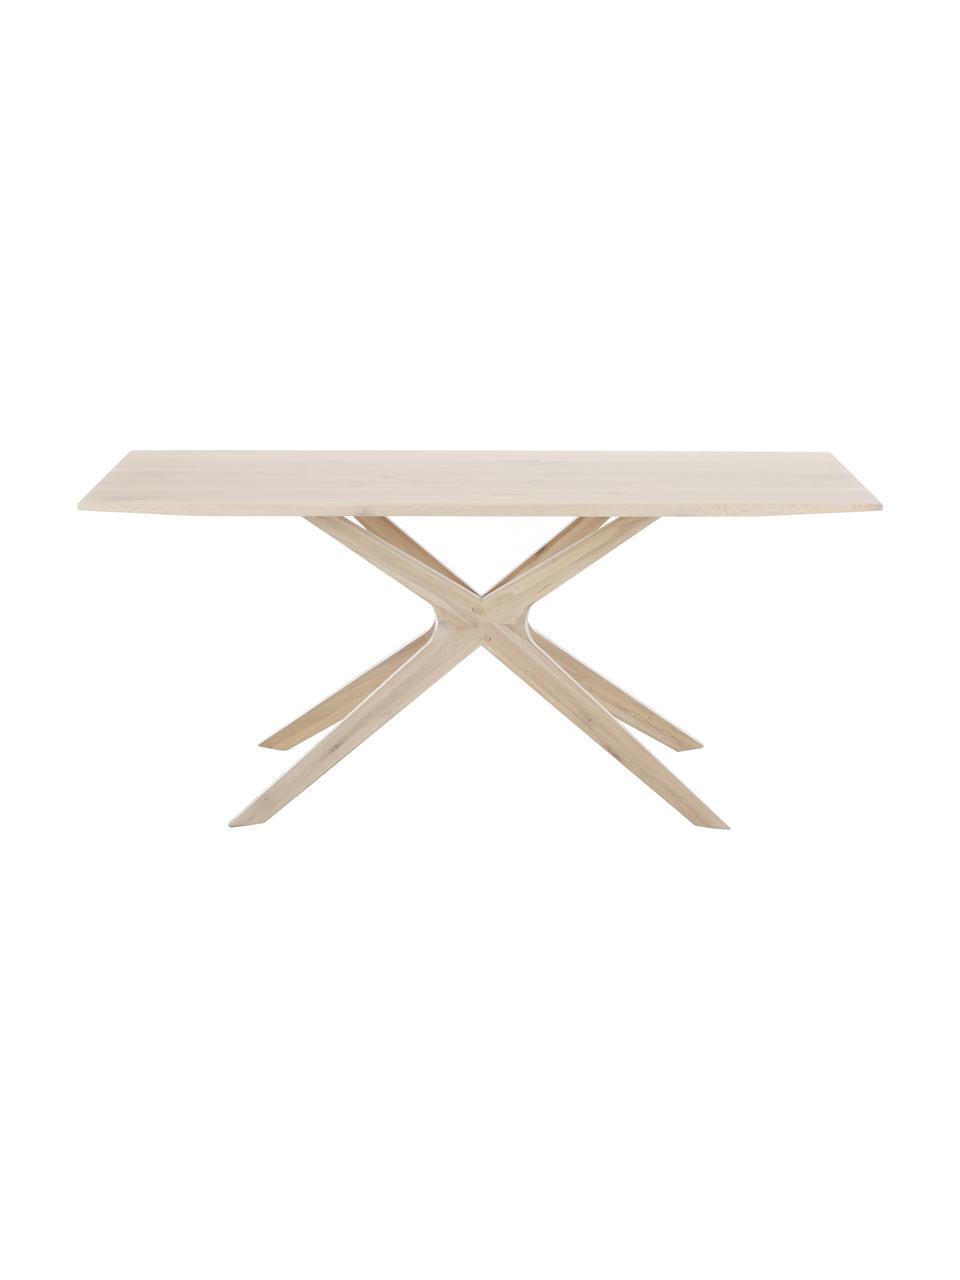 Tavolo in quercia Armande, Legno di rovere cerato, verniciato in bianco, Legno di quercia, Larg. 180 x Prof. 90 cm